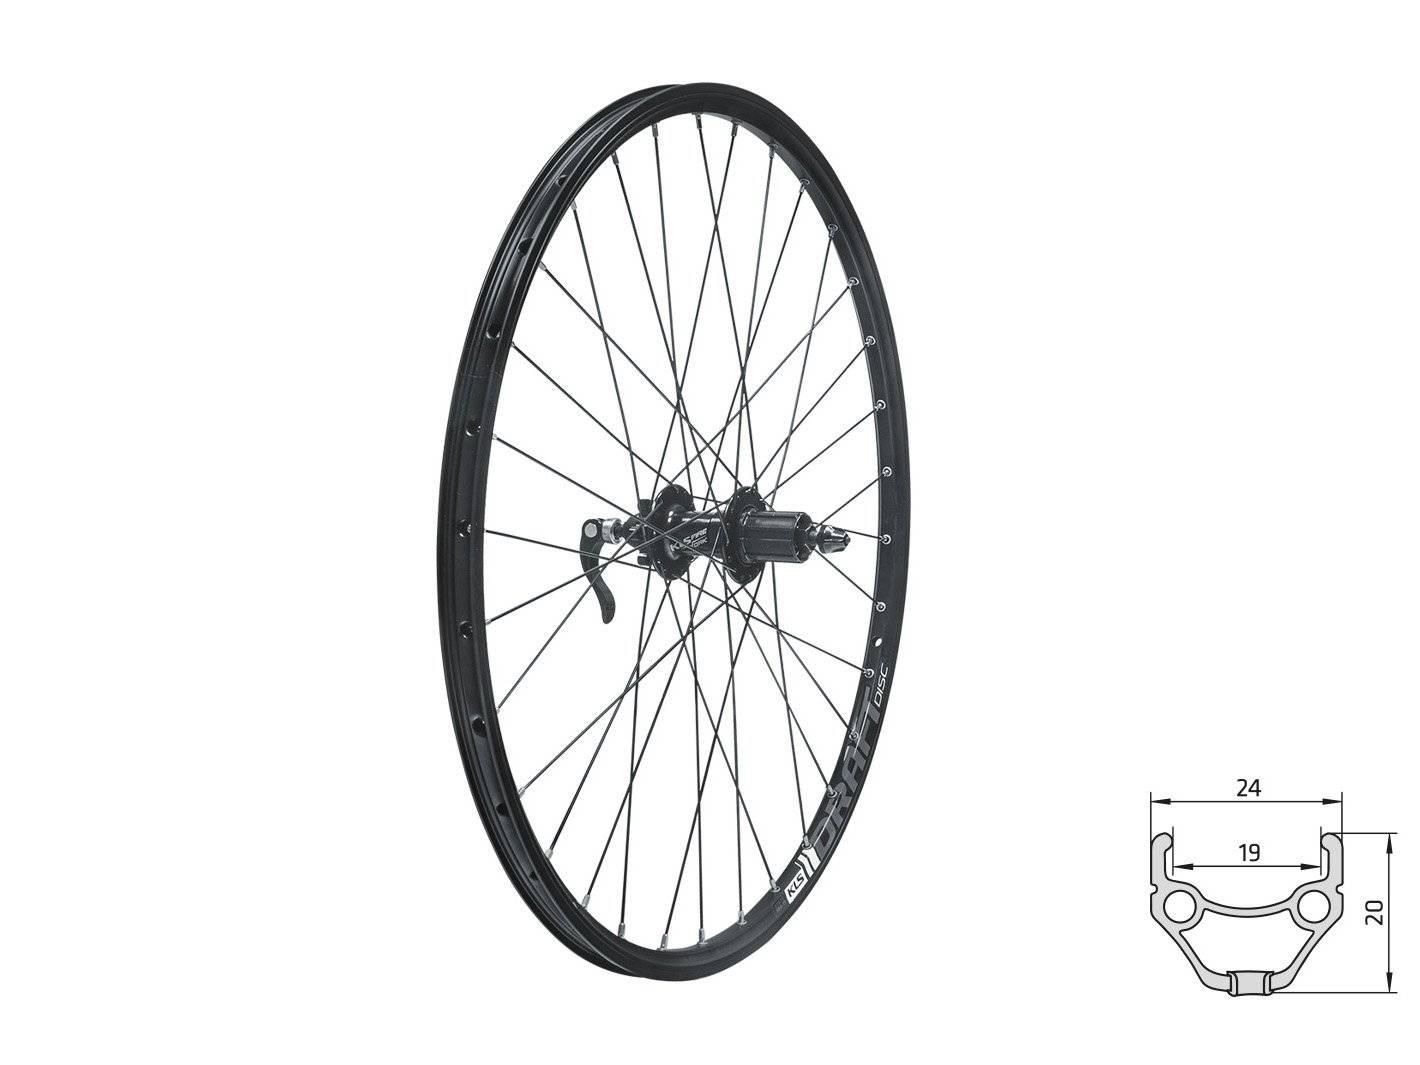 Колесо велосипедное заднее KELLY'S KLS DRAFT DSC, 26, двойной обод 32Н, 8-10 скоростей, с эксцентриком, черное